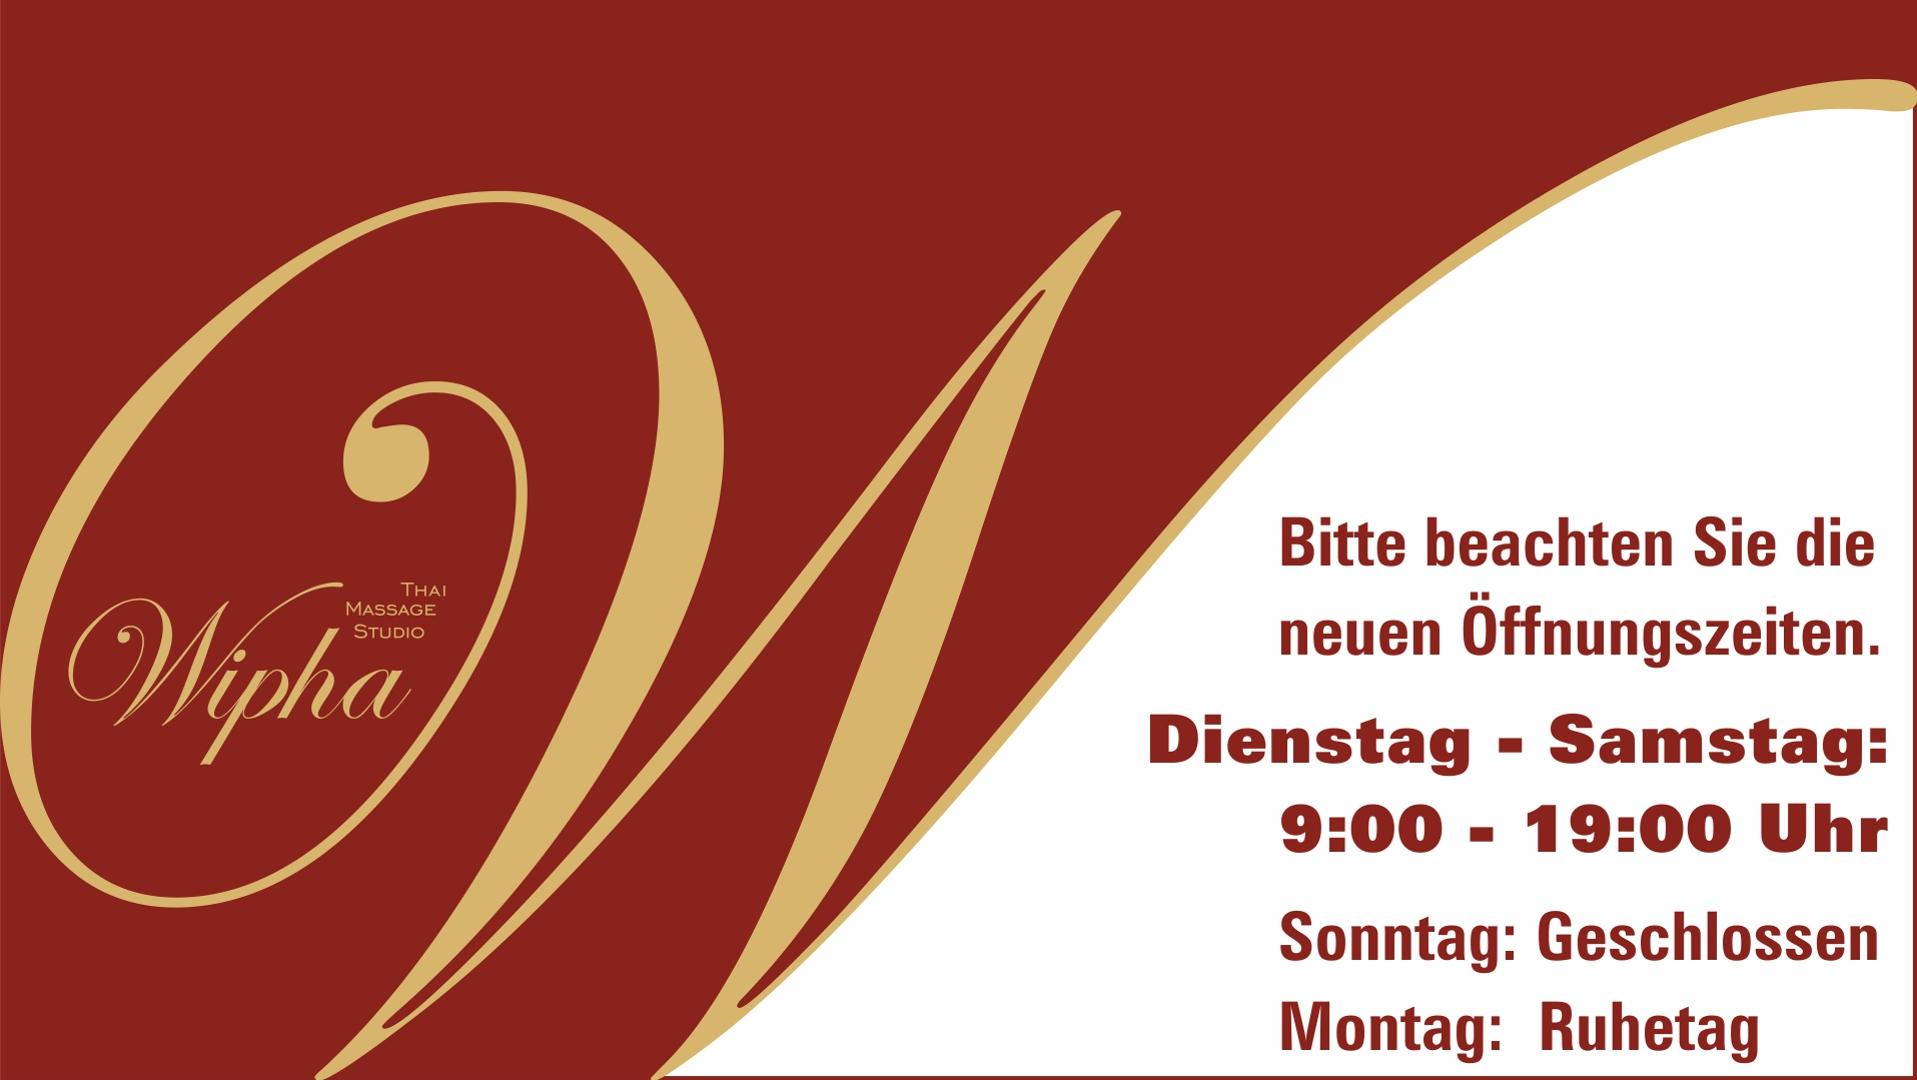 Bitte beachten Sie unserer neuen Öffnungszeiten im Wipha Thai Massage Studio Würzburg